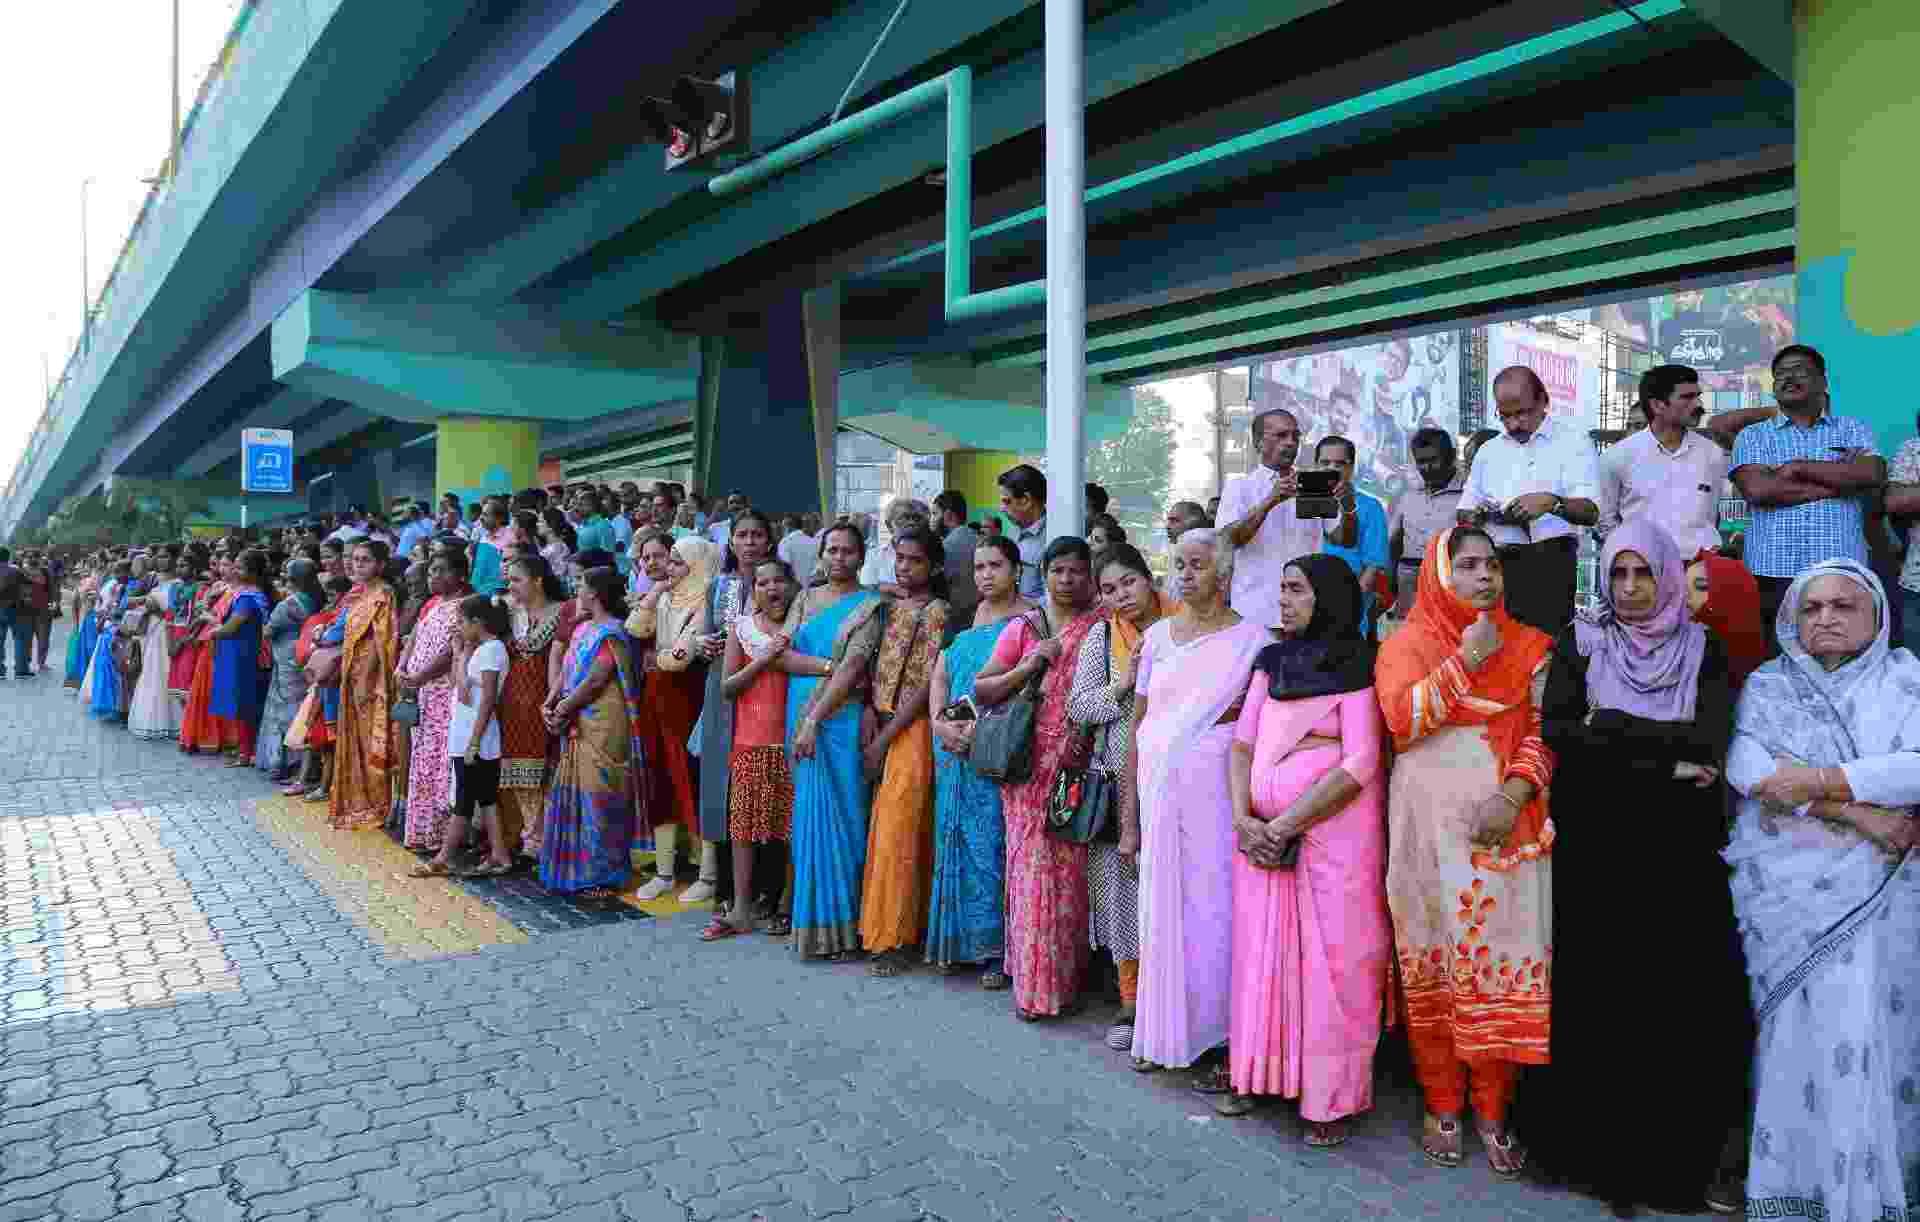 """A """"parede das mulheres"""" já reúne mais de 5 milhões de cidadãs por 600 km, pedindo a liberação de suas entradas nos templos - AFP"""